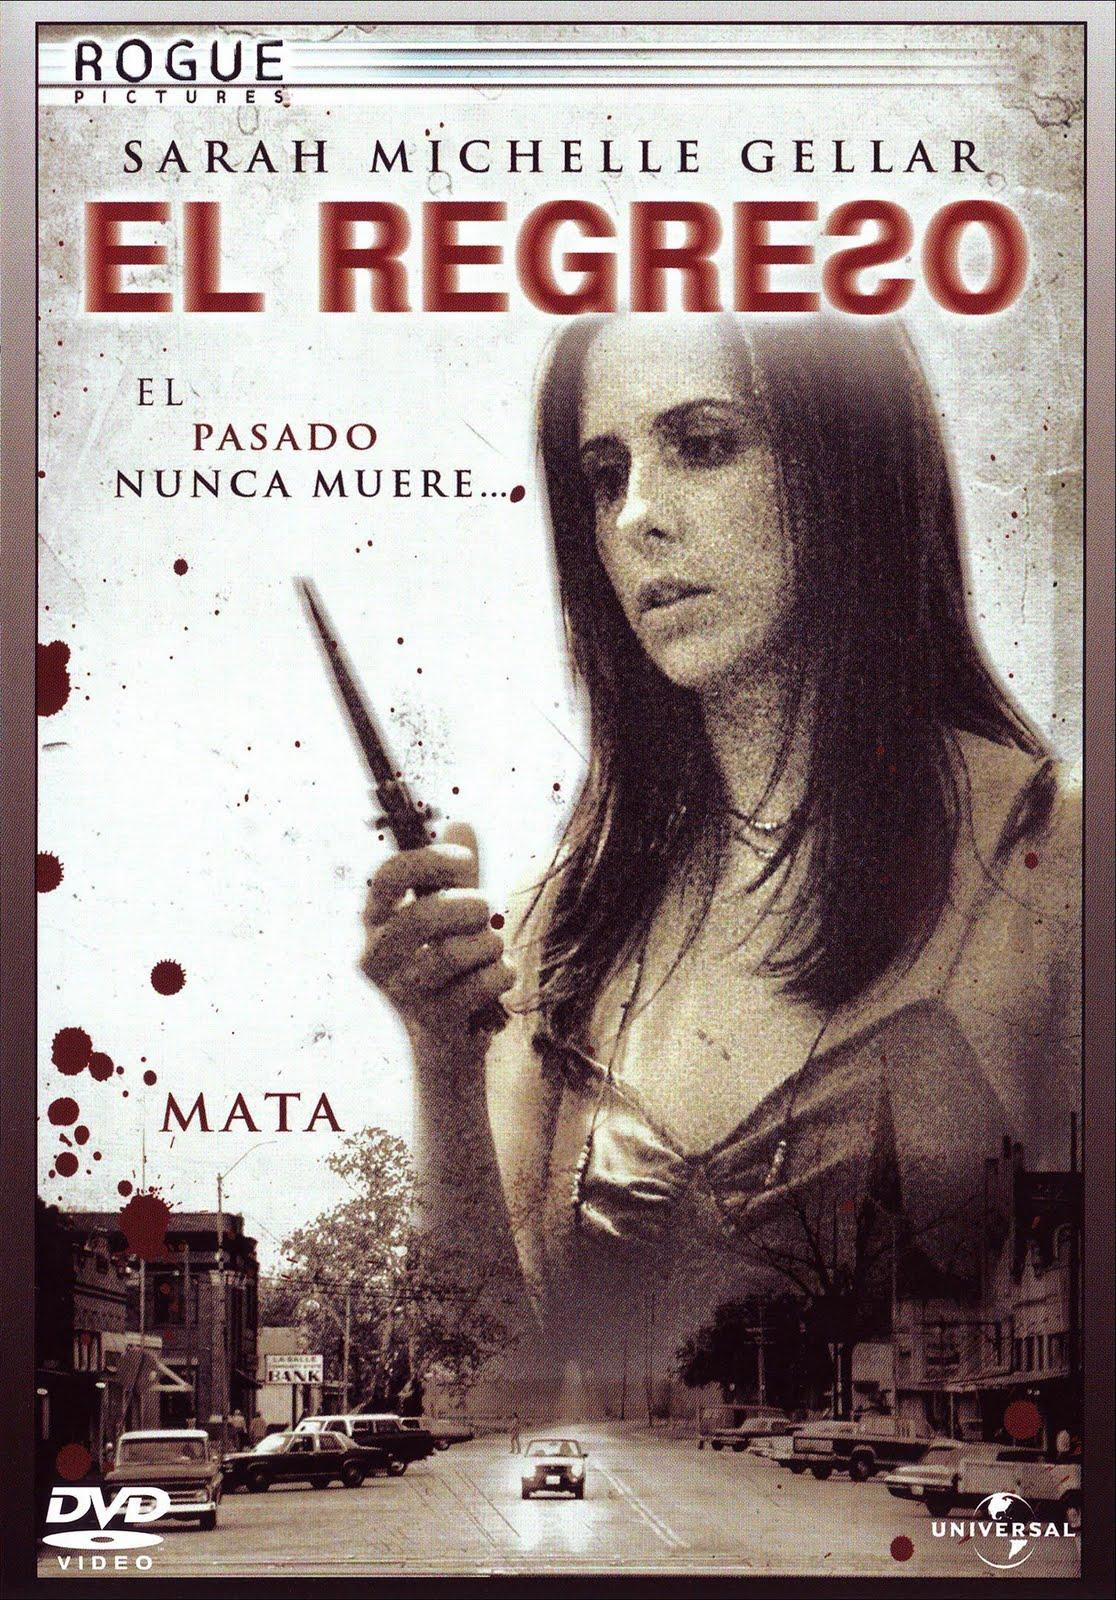 http://2.bp.blogspot.com/_opNgGsn1YIY/S823ozfn_RI/AAAAAAAATs4/9UiD7t4KA28/s1600/ElRegreso_TheReturn.jpg